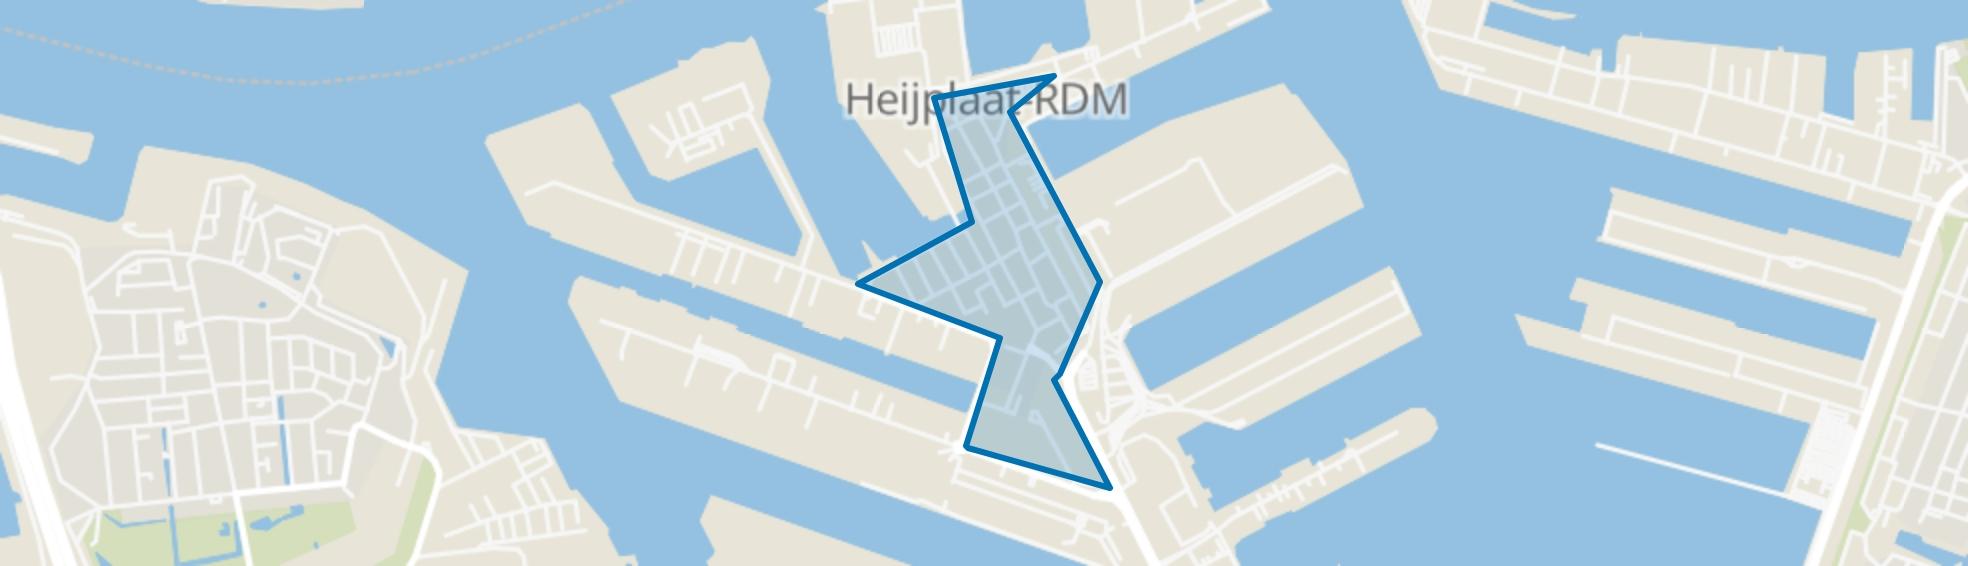 Heijplaat, Rotterdam map